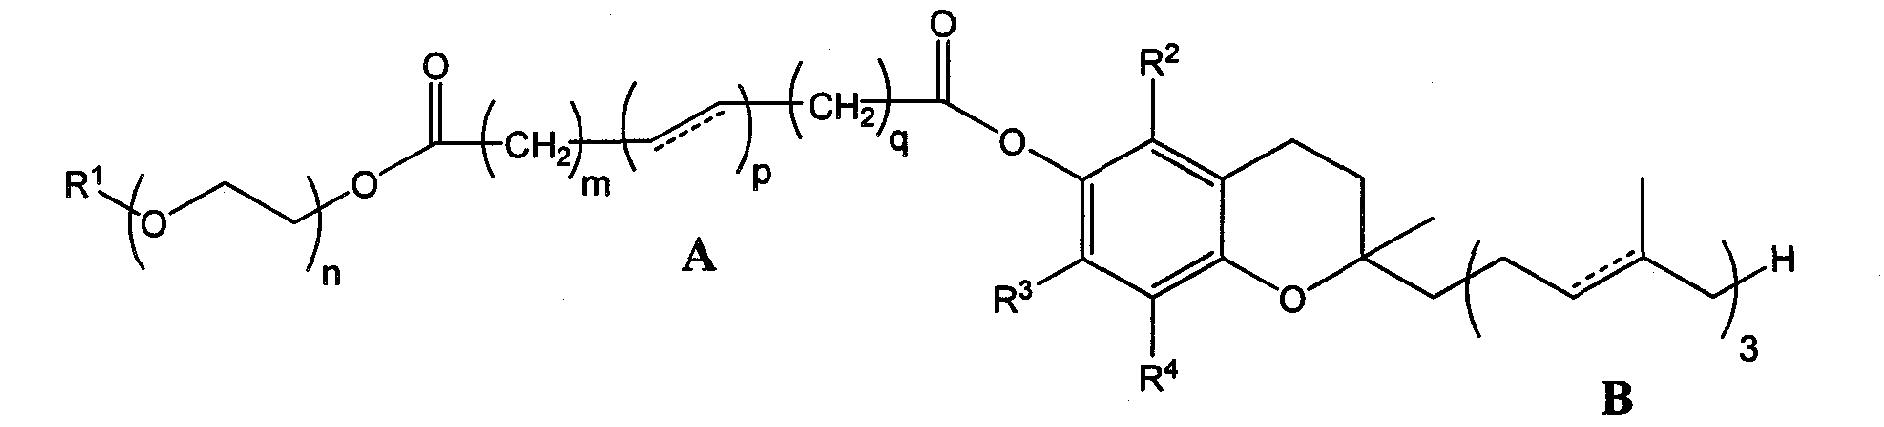 Figure CN102036661BD00211